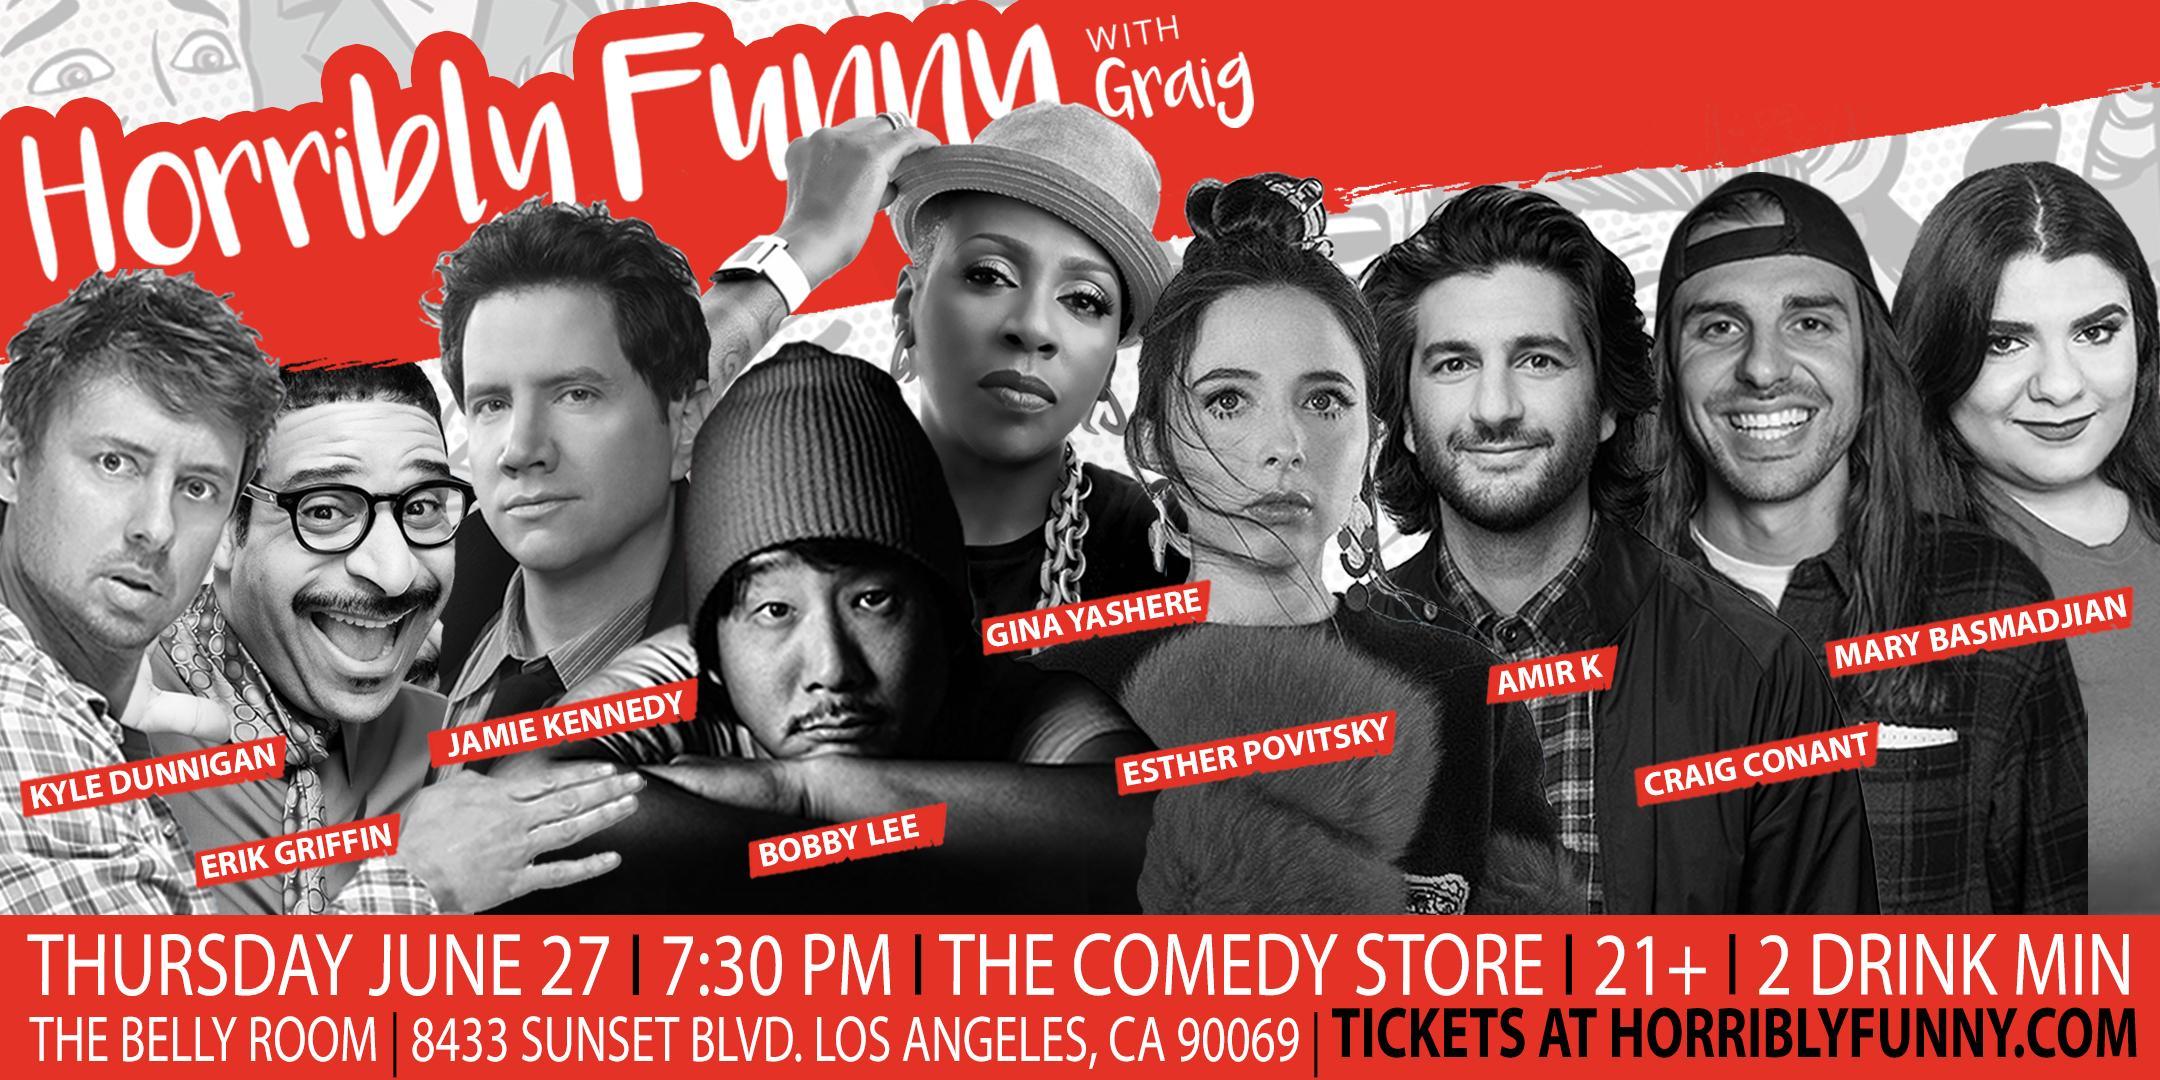 Horribly Funny - Jamie Kennedy, Bobby Lee, Erik Griffin, Gina Yashere